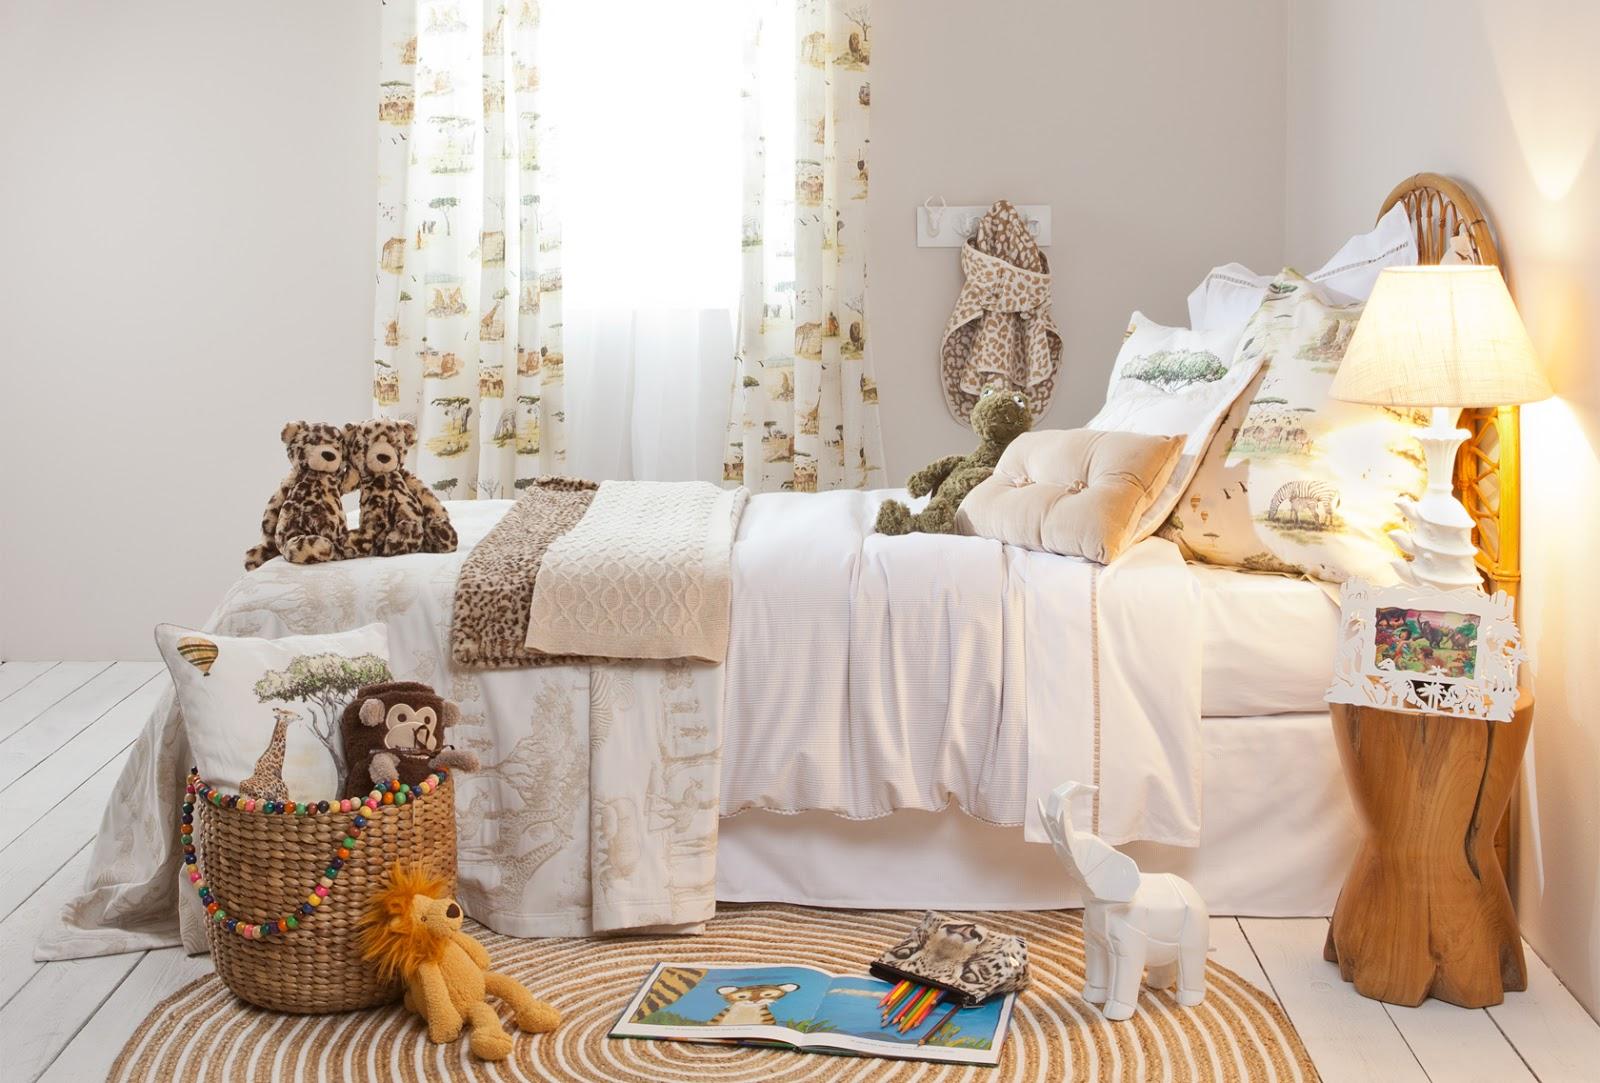 isabel pires de lima zara home for kid s and babies. Black Bedroom Furniture Sets. Home Design Ideas